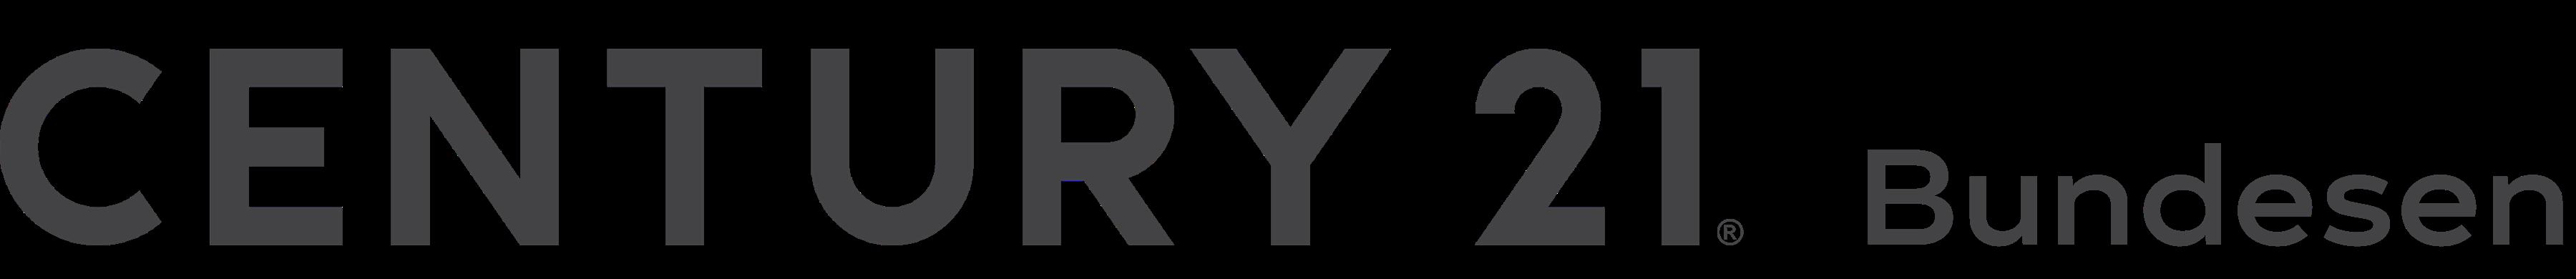 Century 21 Bundesen logo